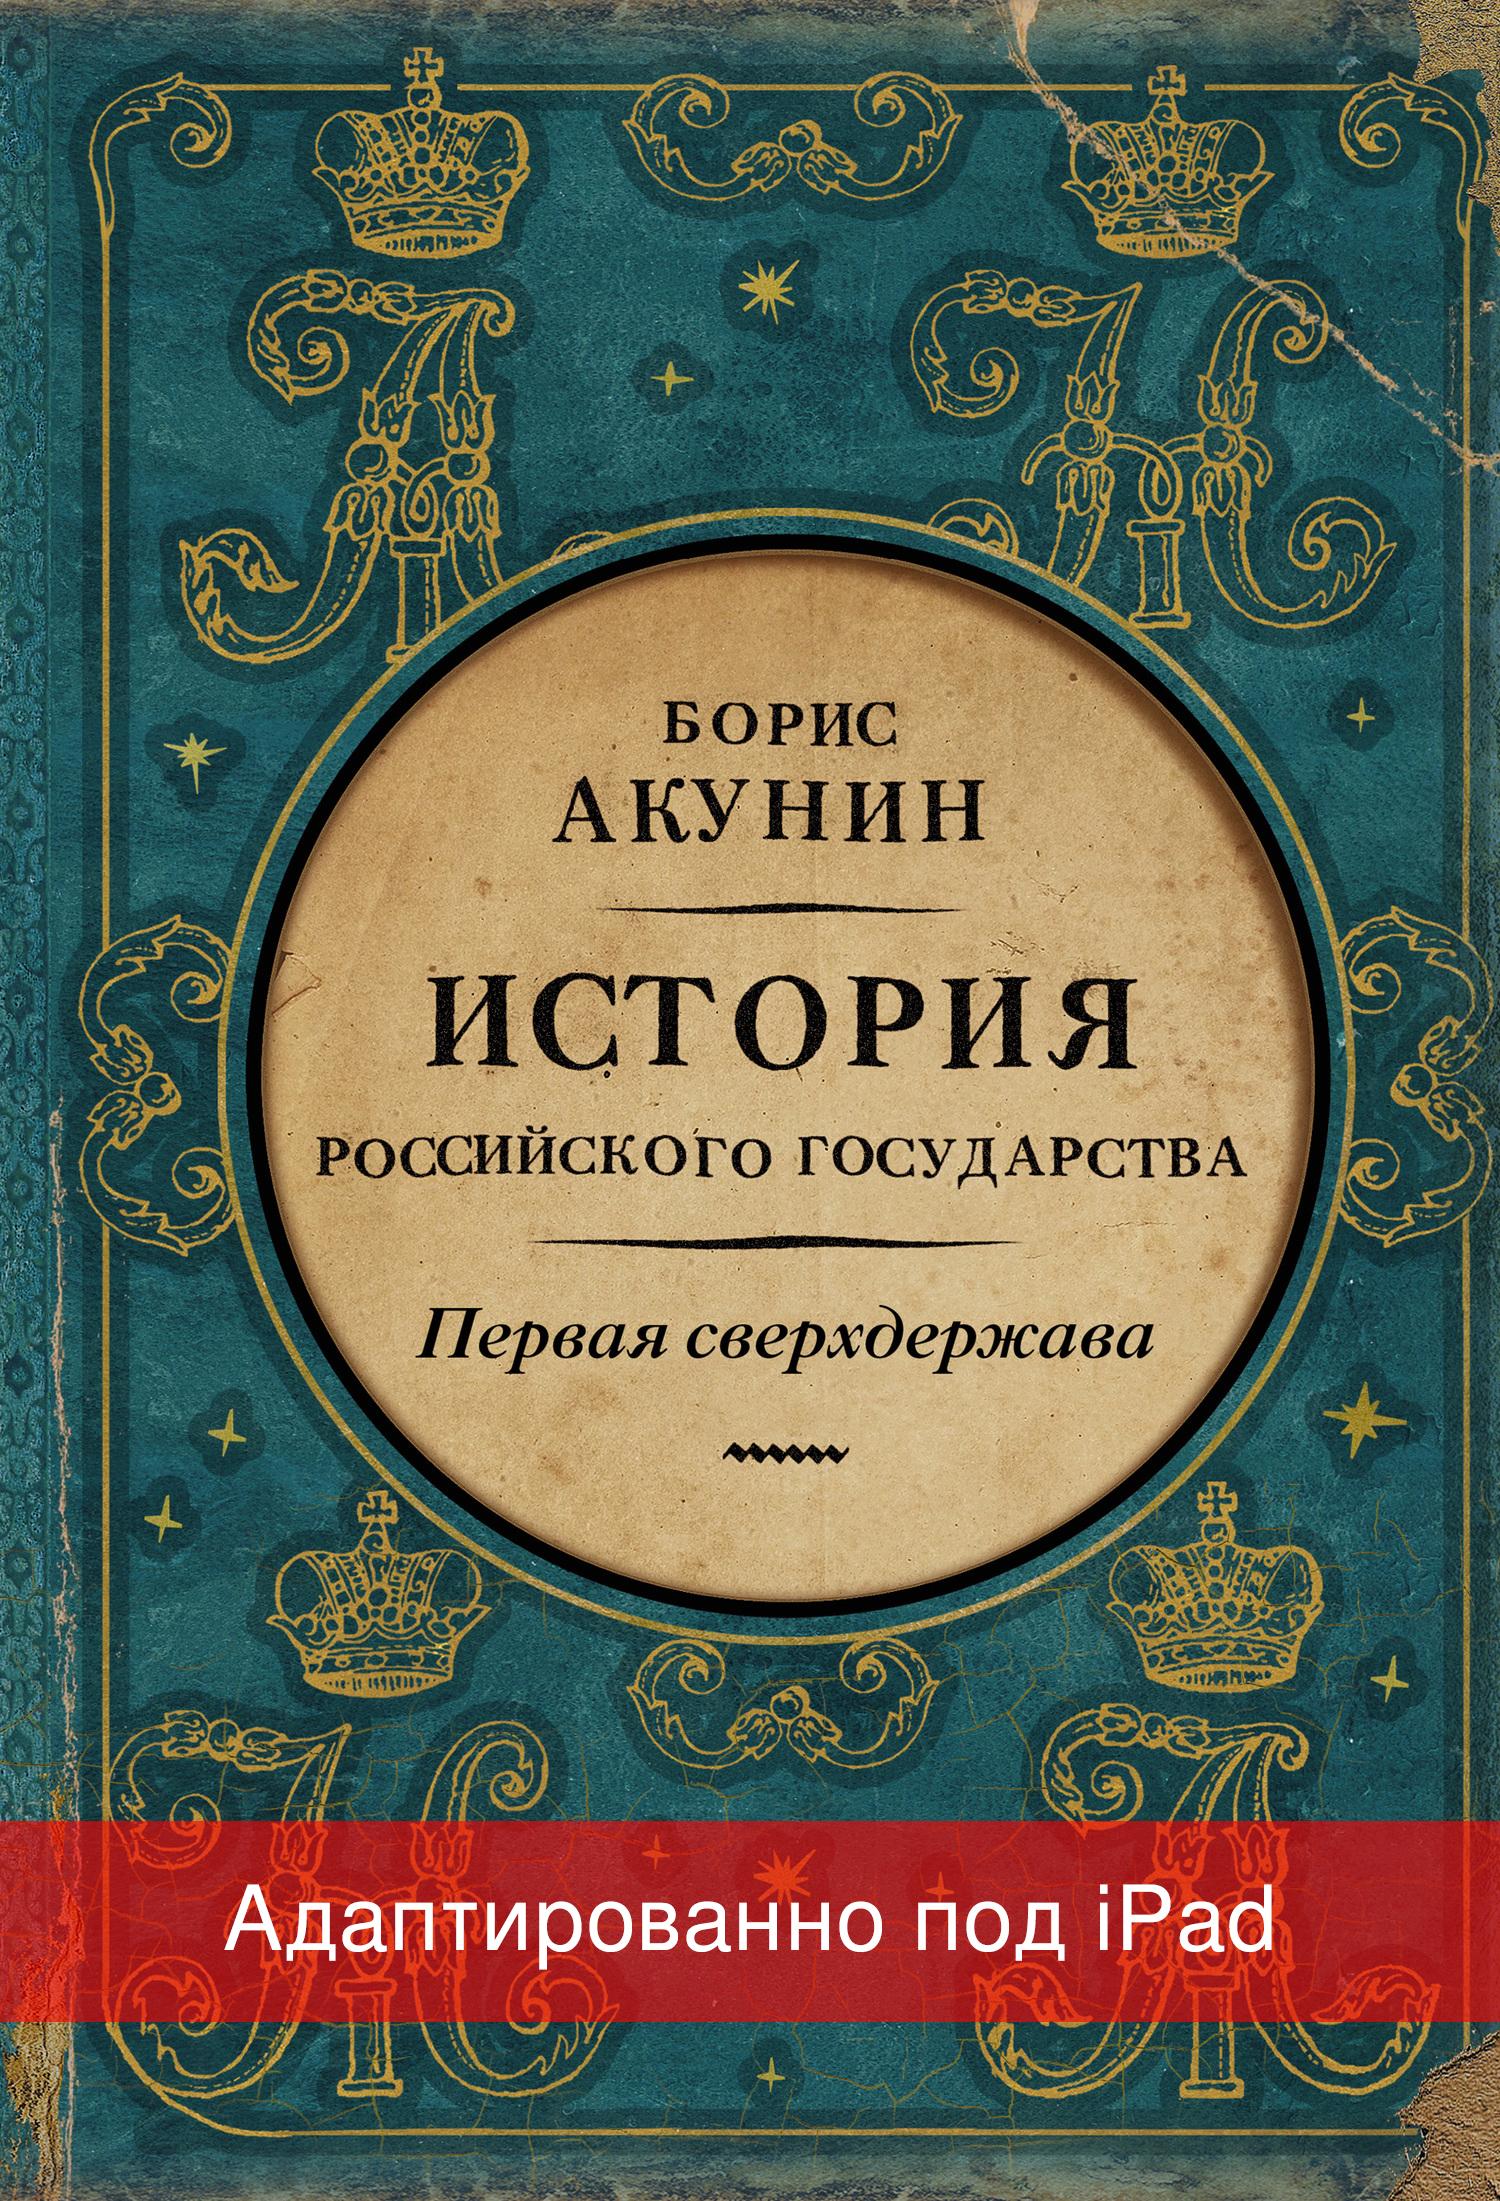 pervaya sverkhderzhava istoriya rossiyskogo gosudarstva aleksandr blagoslovennyy i nikolay nezabvennyy adaptirovana pod ipad